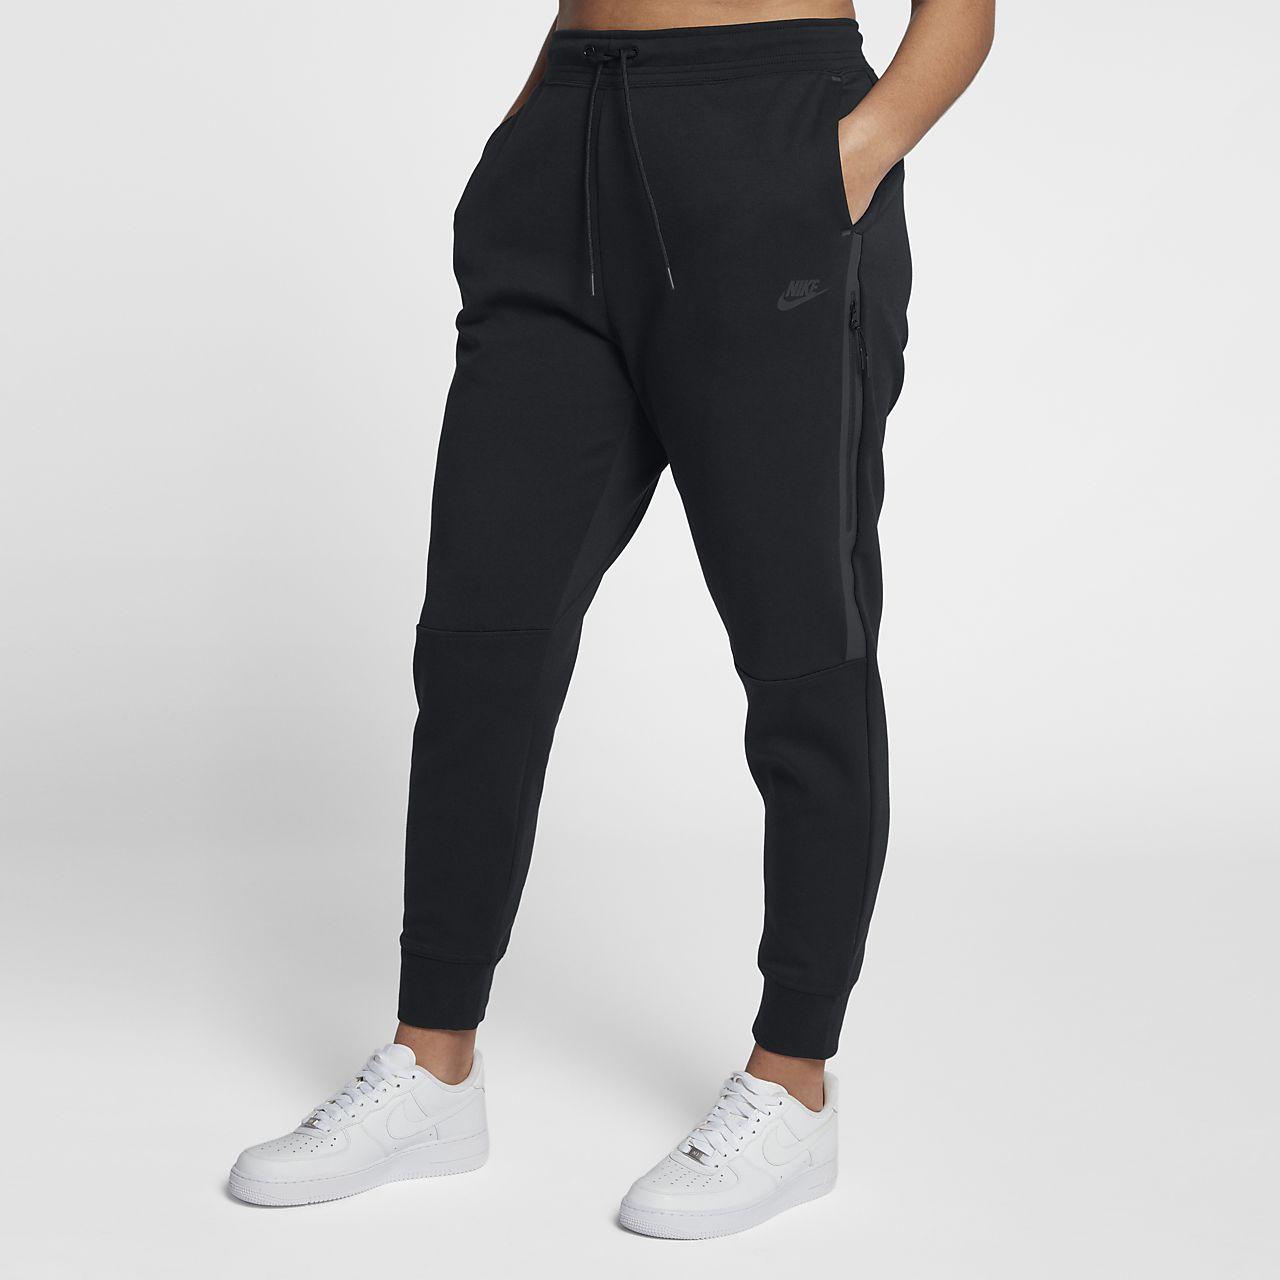 ... Nike Sportswear Tech Fleece Women's Trousers